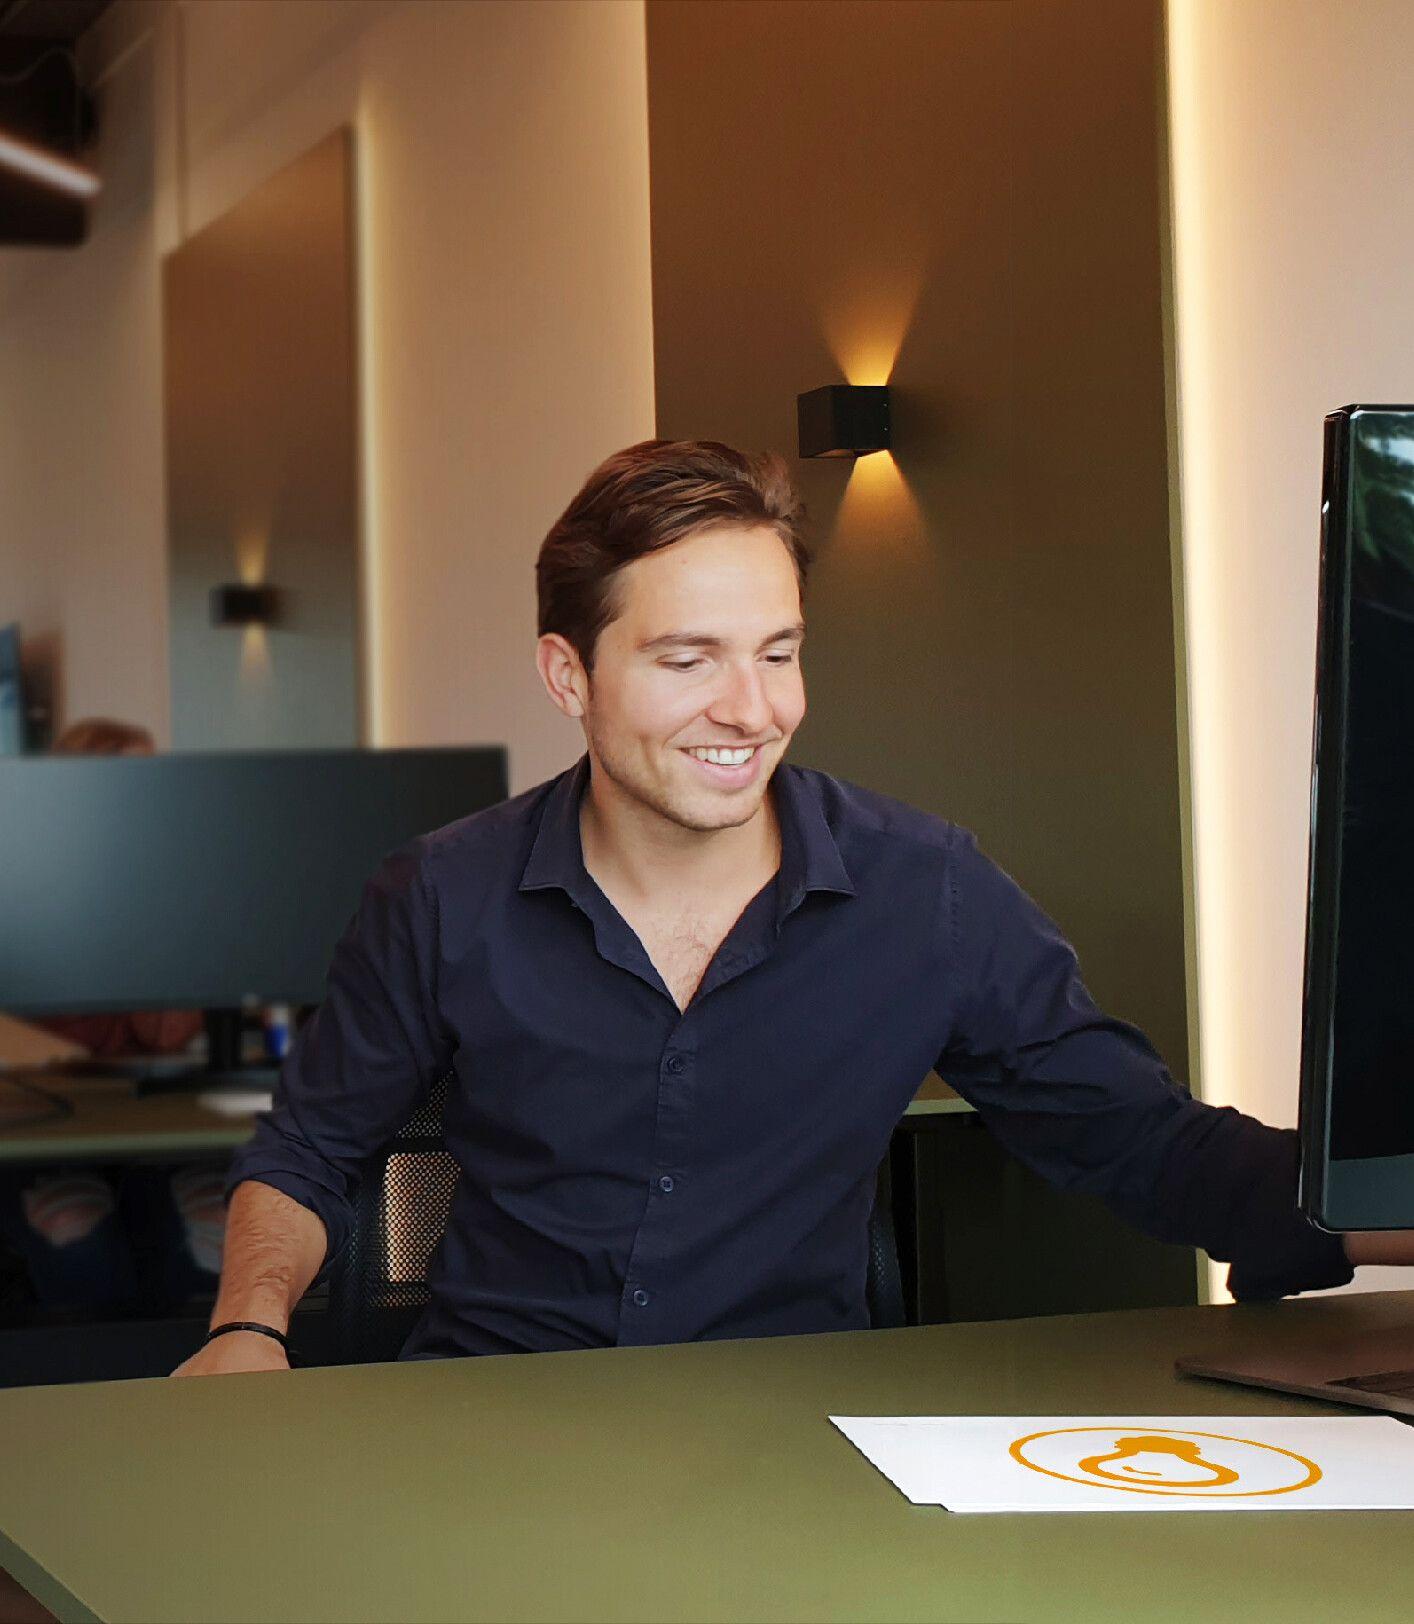 Riley van Loo | Bedrijfsverlichting.nl